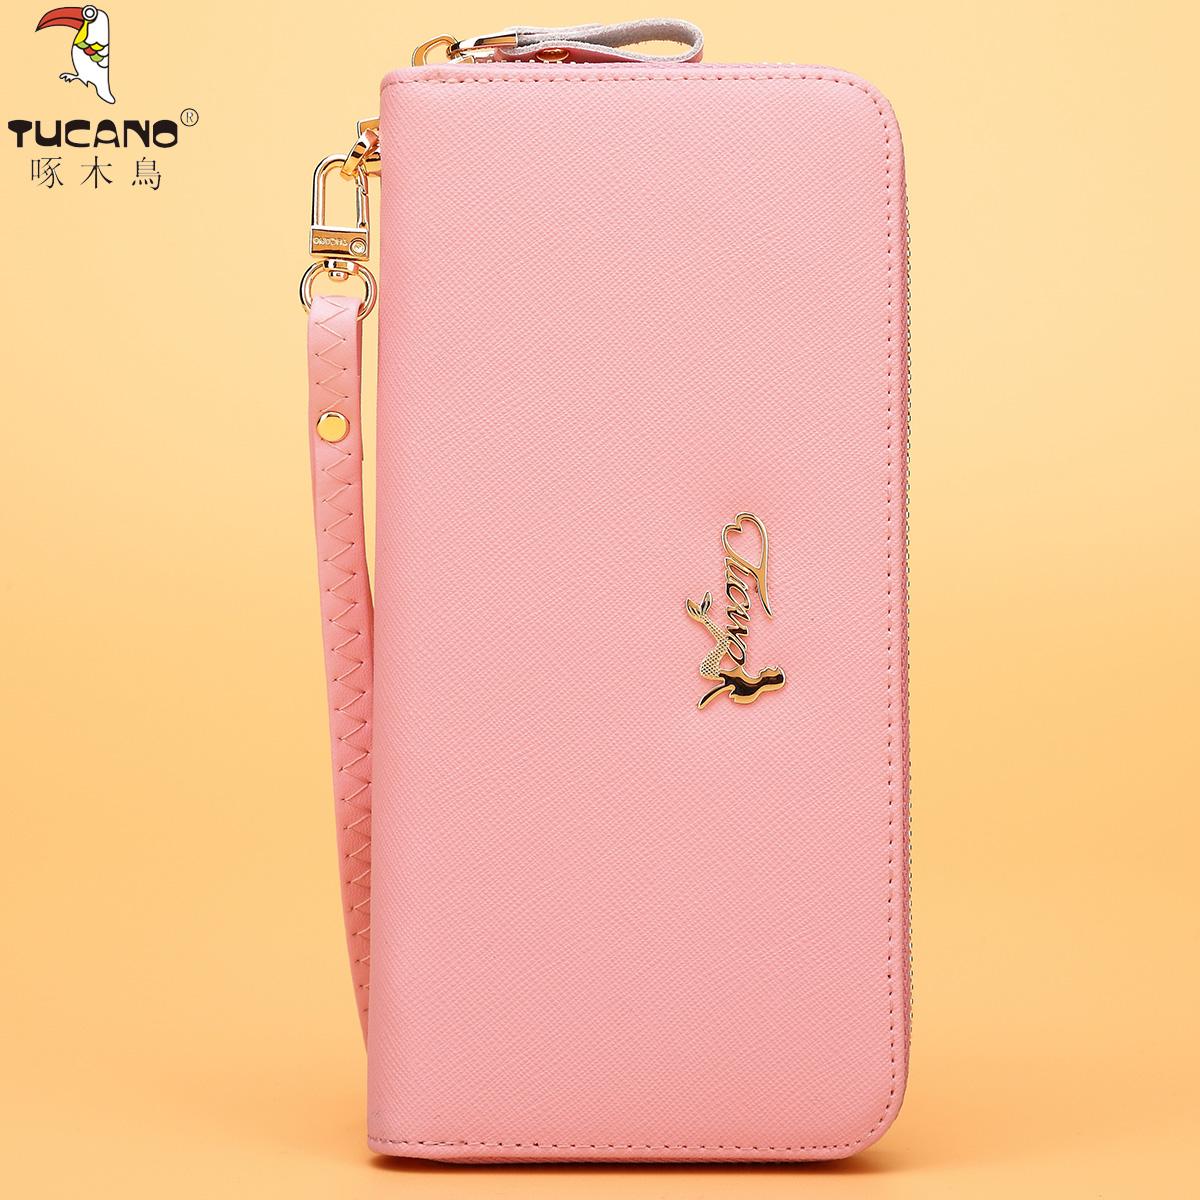 啄木鸟女士钱包长款手包牛皮拉链钱夹十字纹时尚韩版大容量手拿包